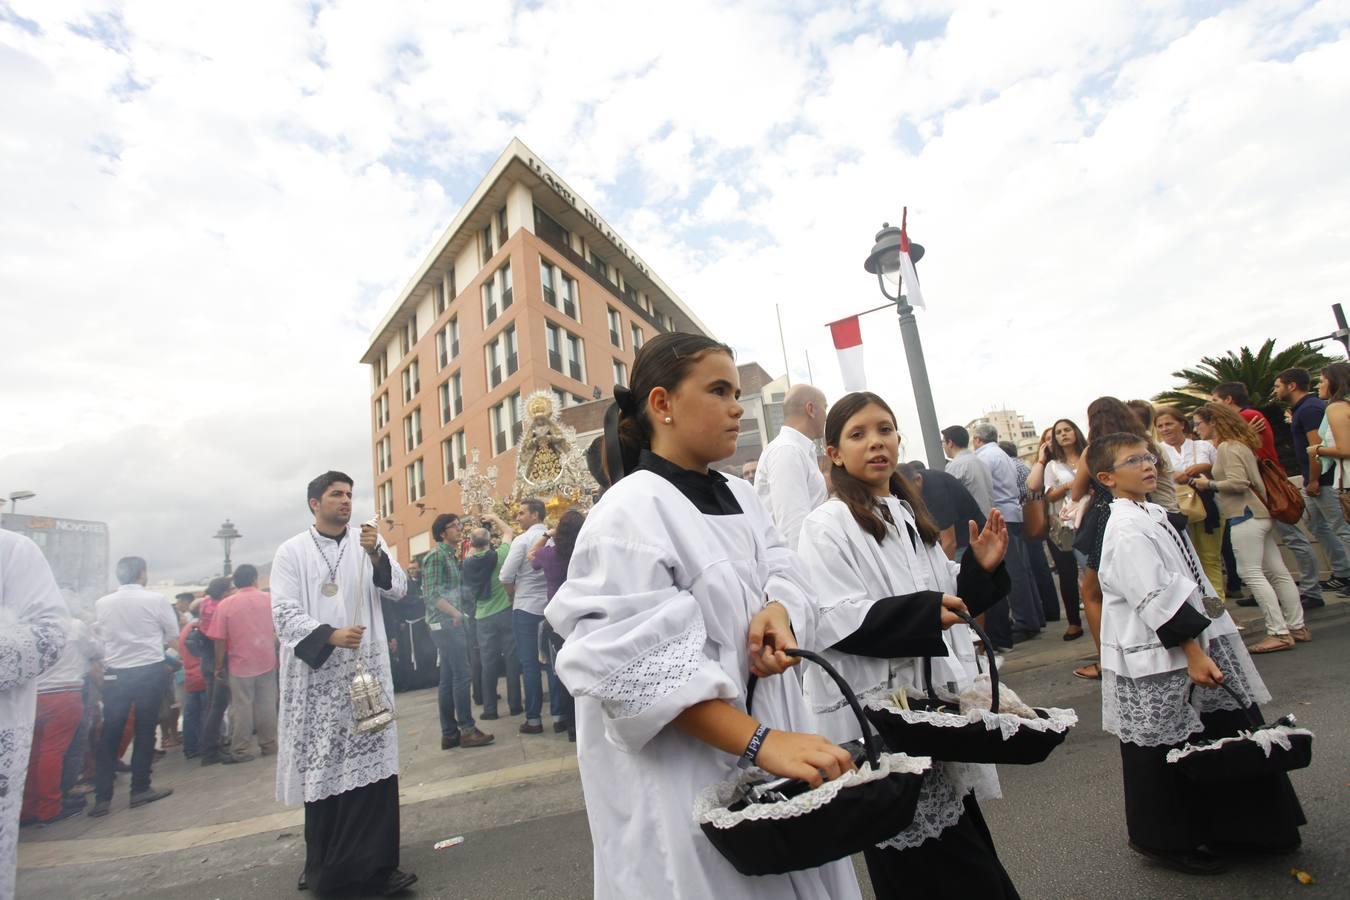 Las mejores fotos de la Encarnación de Dolores del Puente